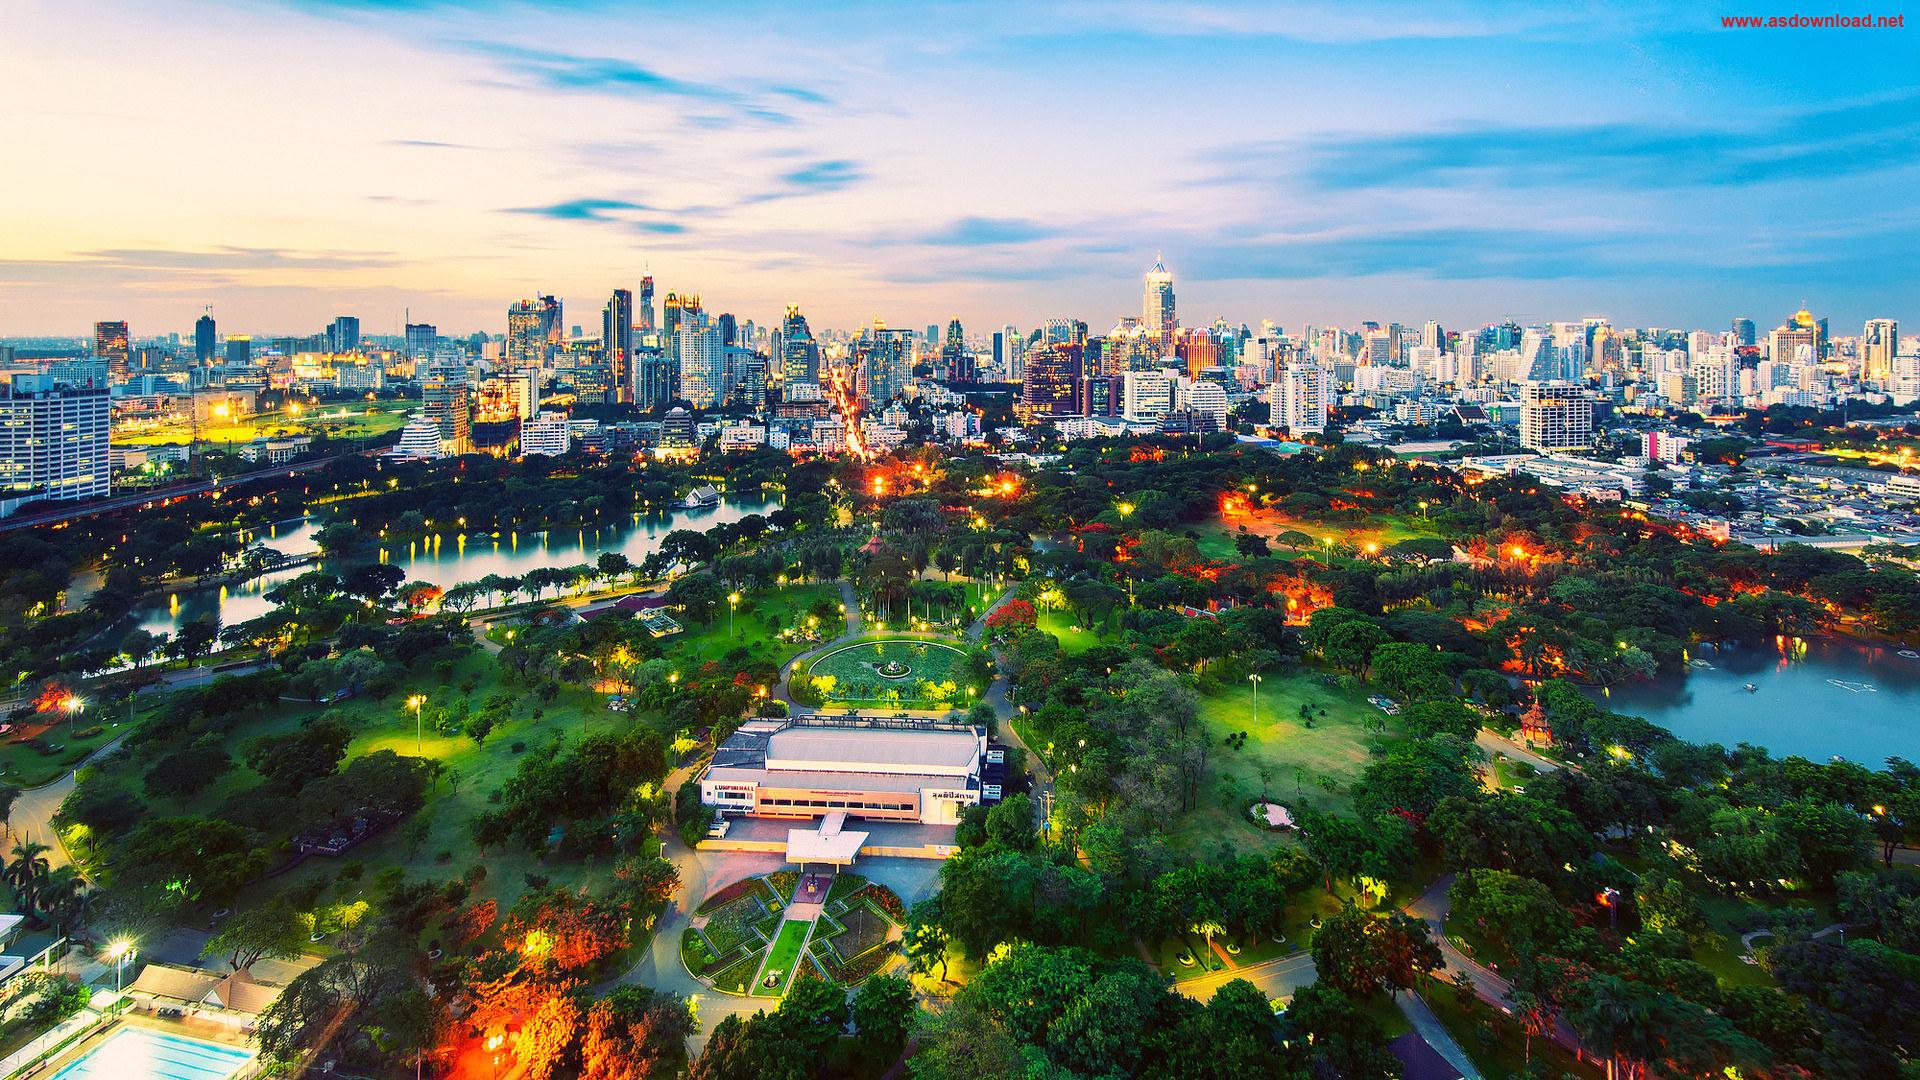 Thailand-Parks-Sky-Bangkok